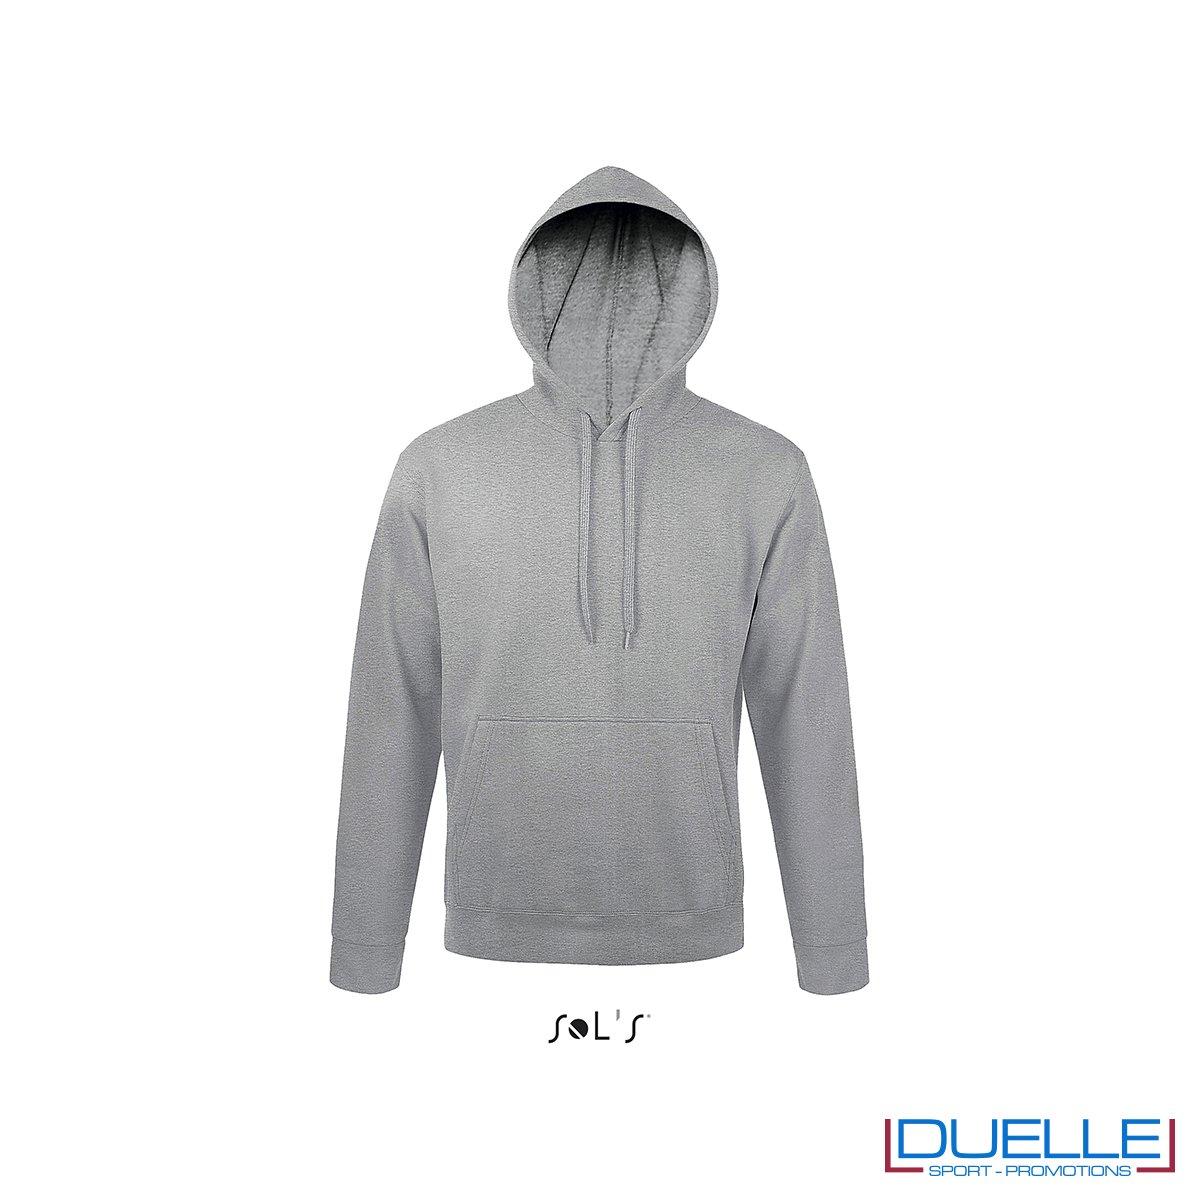 felpa personalizzata con cappuccio senza zip in colore grigio melange